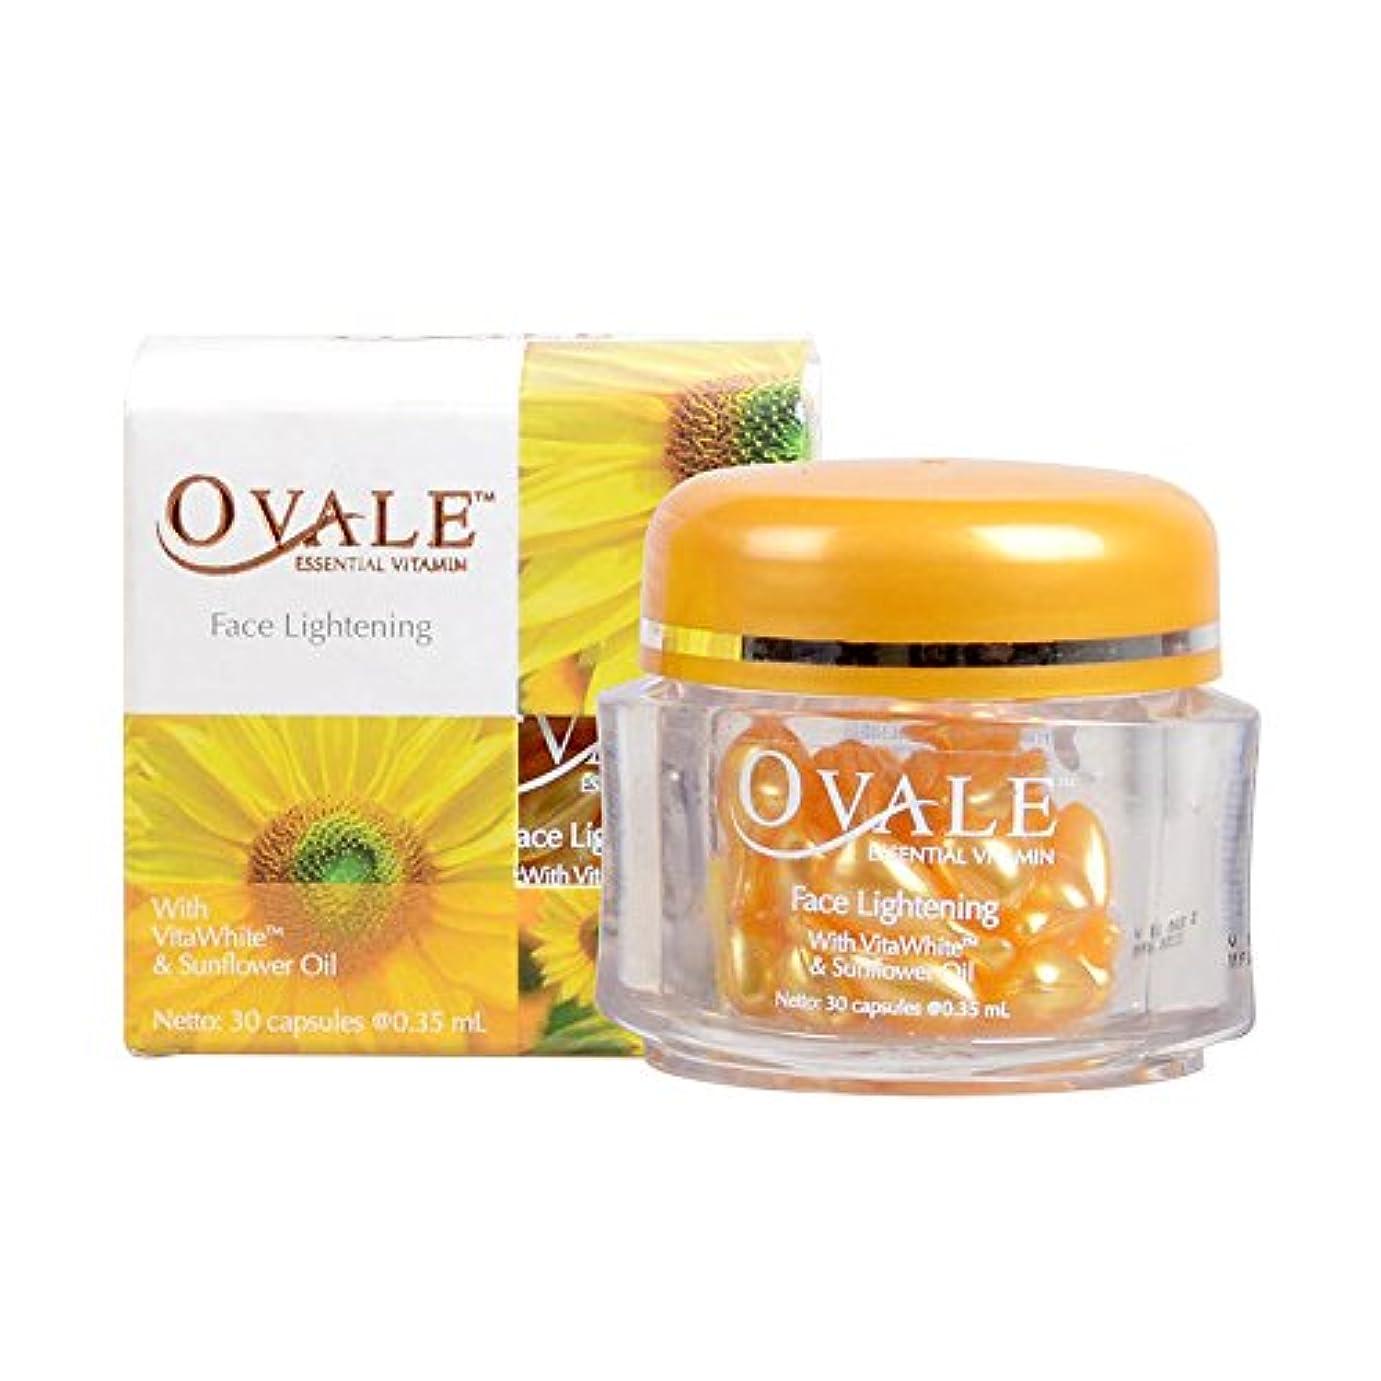 光迫害する警告Ovale オーバル フェイスビタミン essential vitamin 30粒入ボトル サンフラワー バリ島 bali [海外直送品]